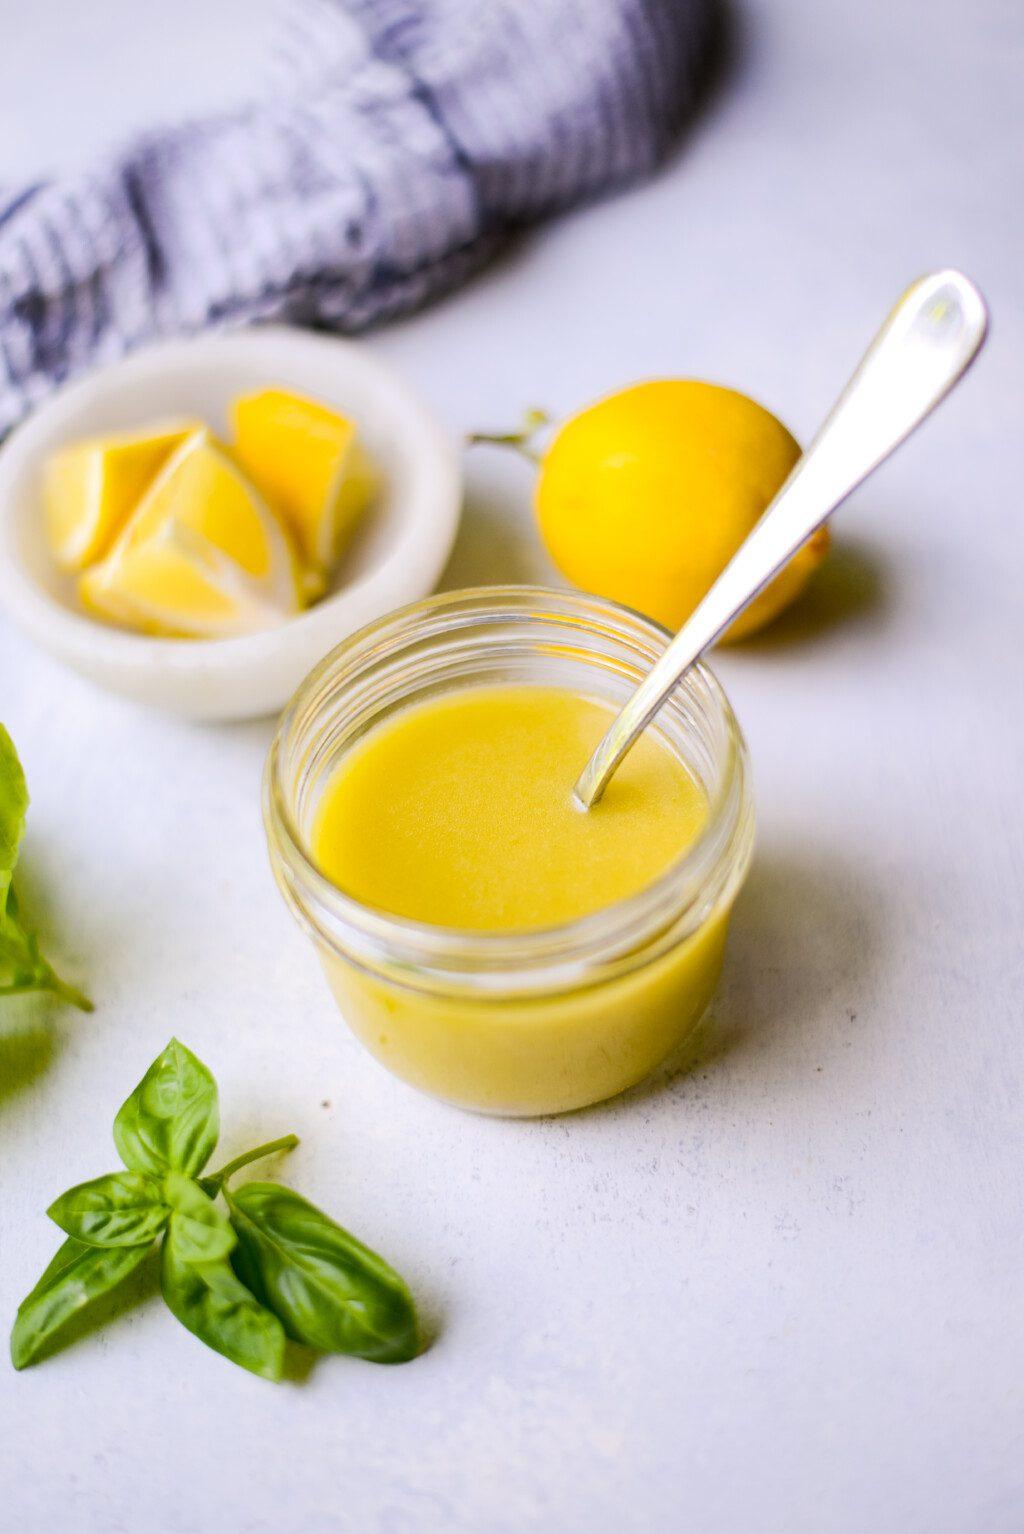 easy lemon vinaigrette dressing in a glass mason jar